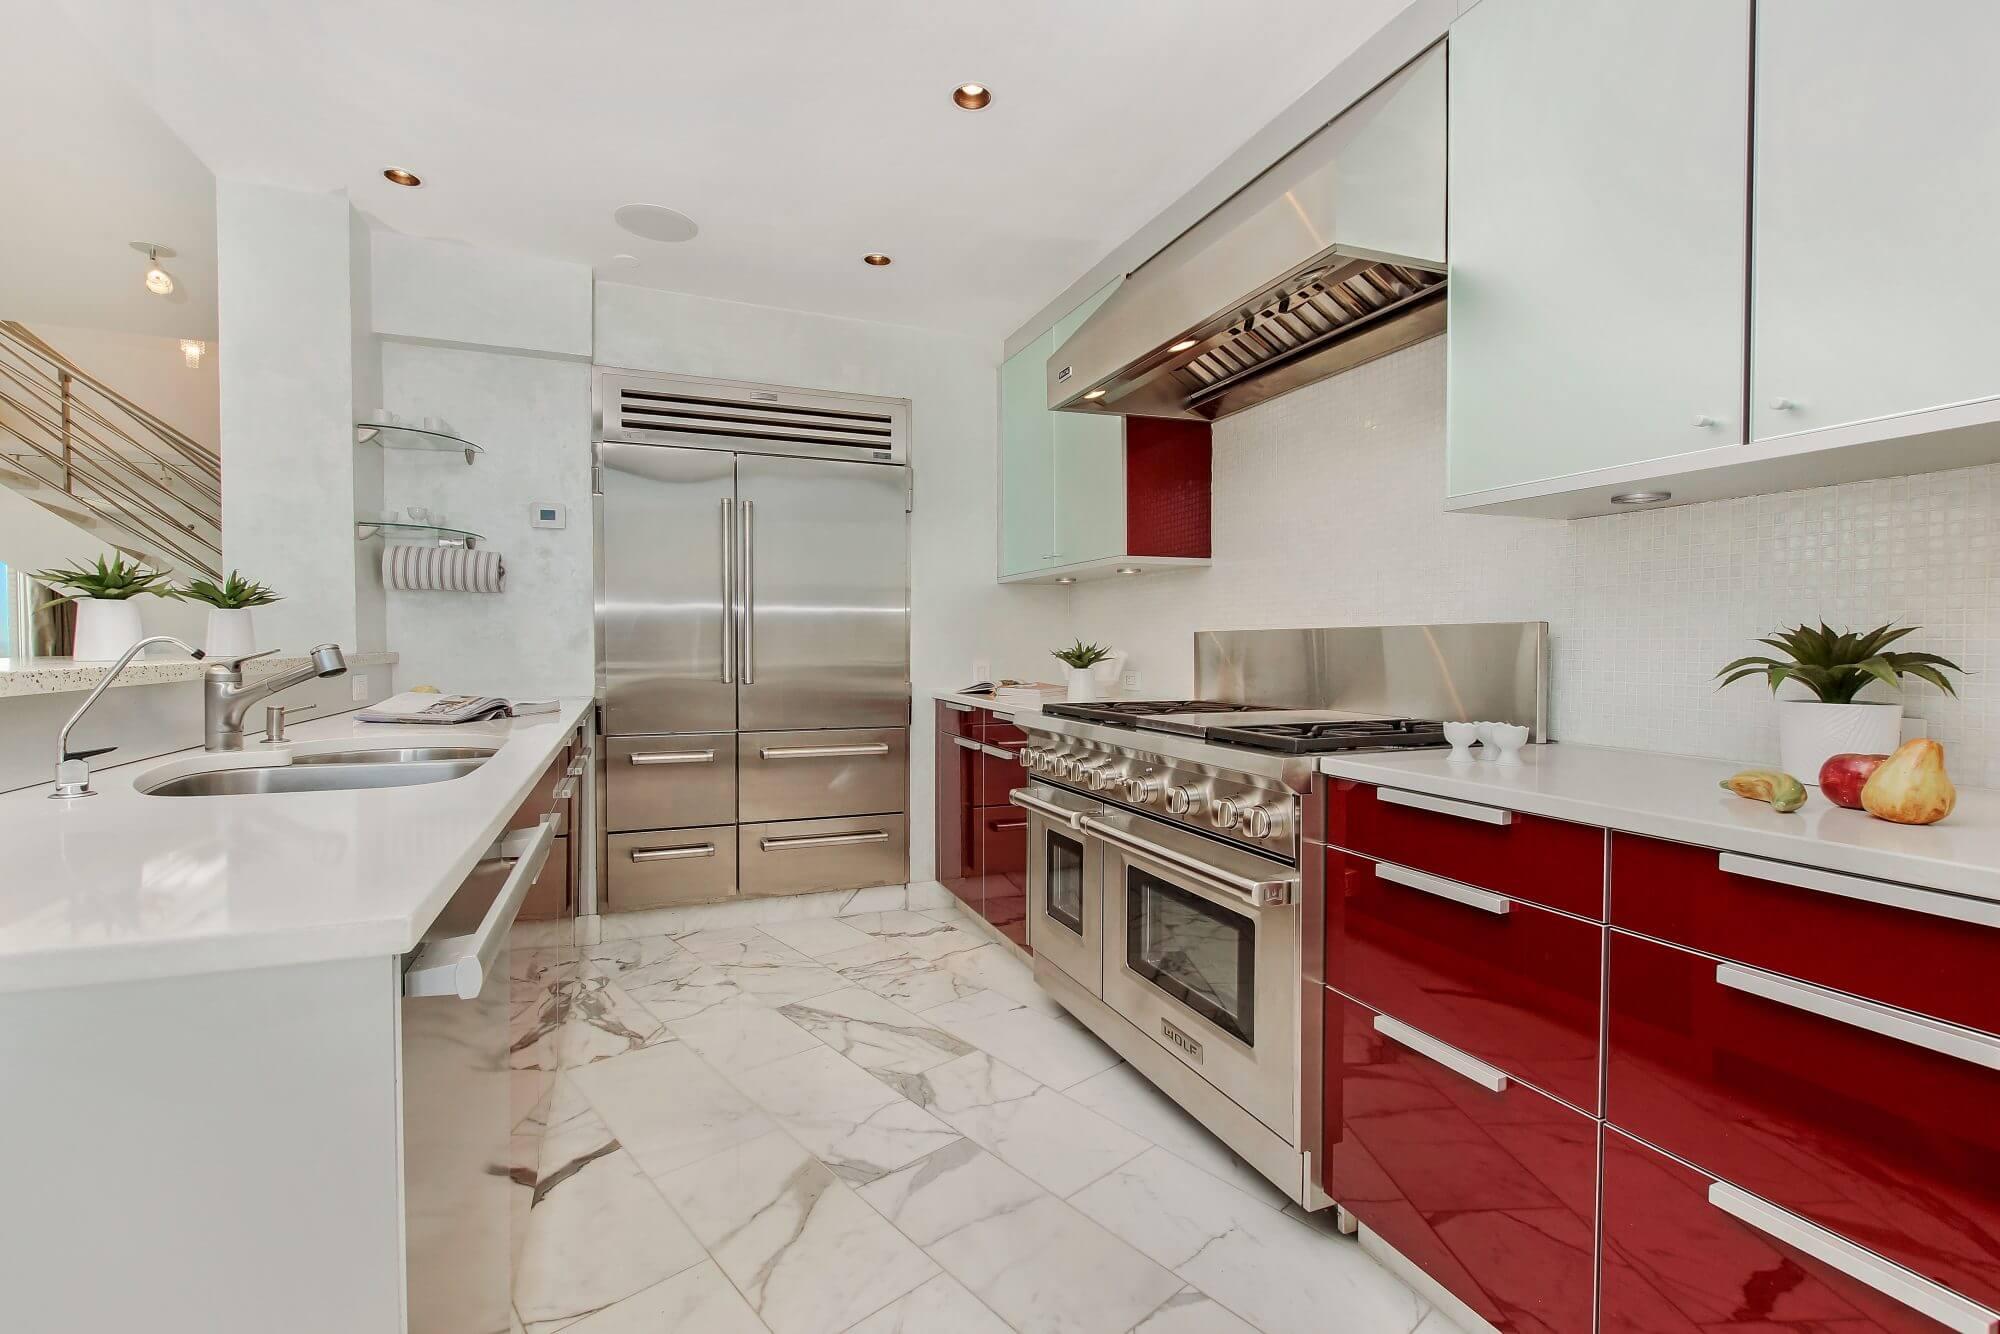 300 East 77th Street Apt. 27/28B - Kitchen